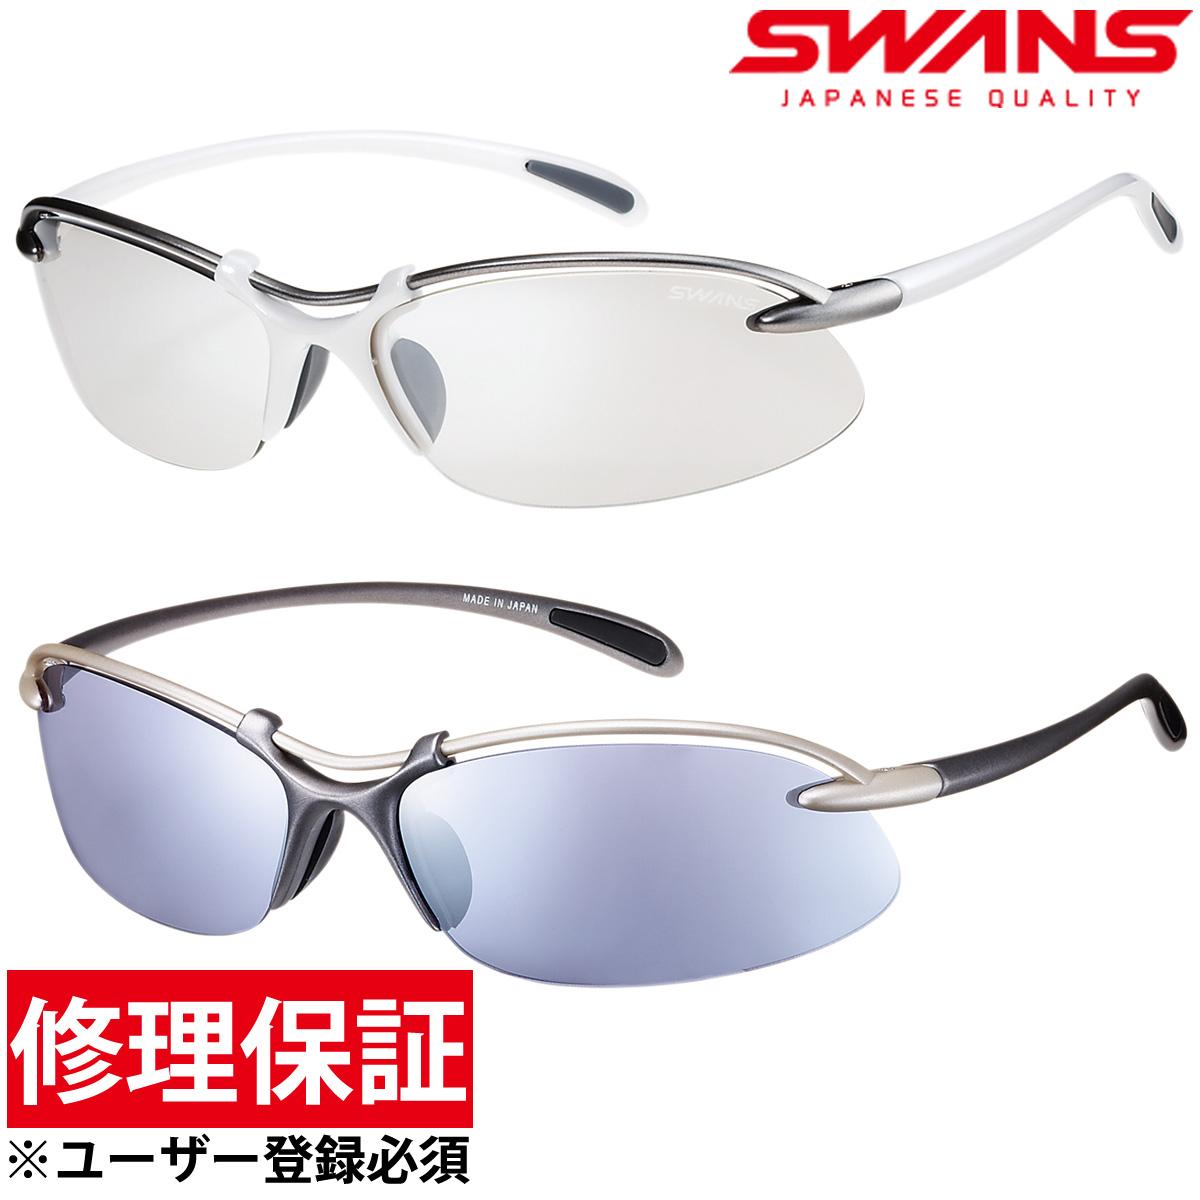 スポーツグラス サングラス マラソン ゴルフ ランニング ドライブ SA-512 PAW SA-516 SWANS CPG エアレスウェイブ 紫外線カット 2020 スポーツサングラス スワンズ Airless-Wave メンズ お金を節約 UV